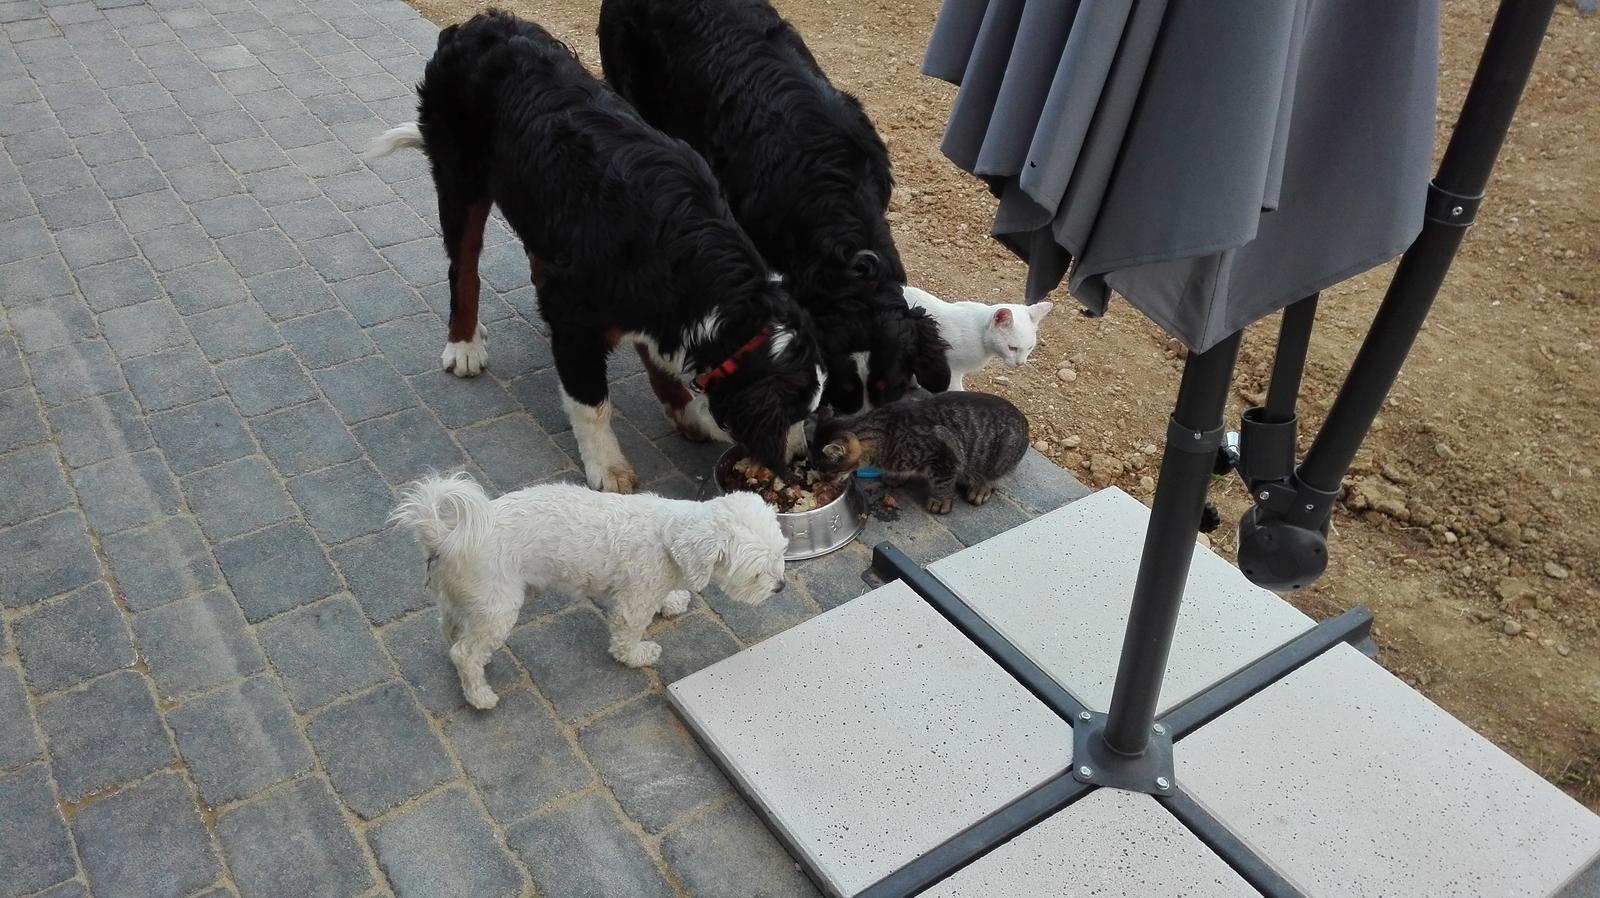 Nas zverinec - dve fenky,jeden pes a dvaja kocurikovia - ked sme hladny vsetci piati....